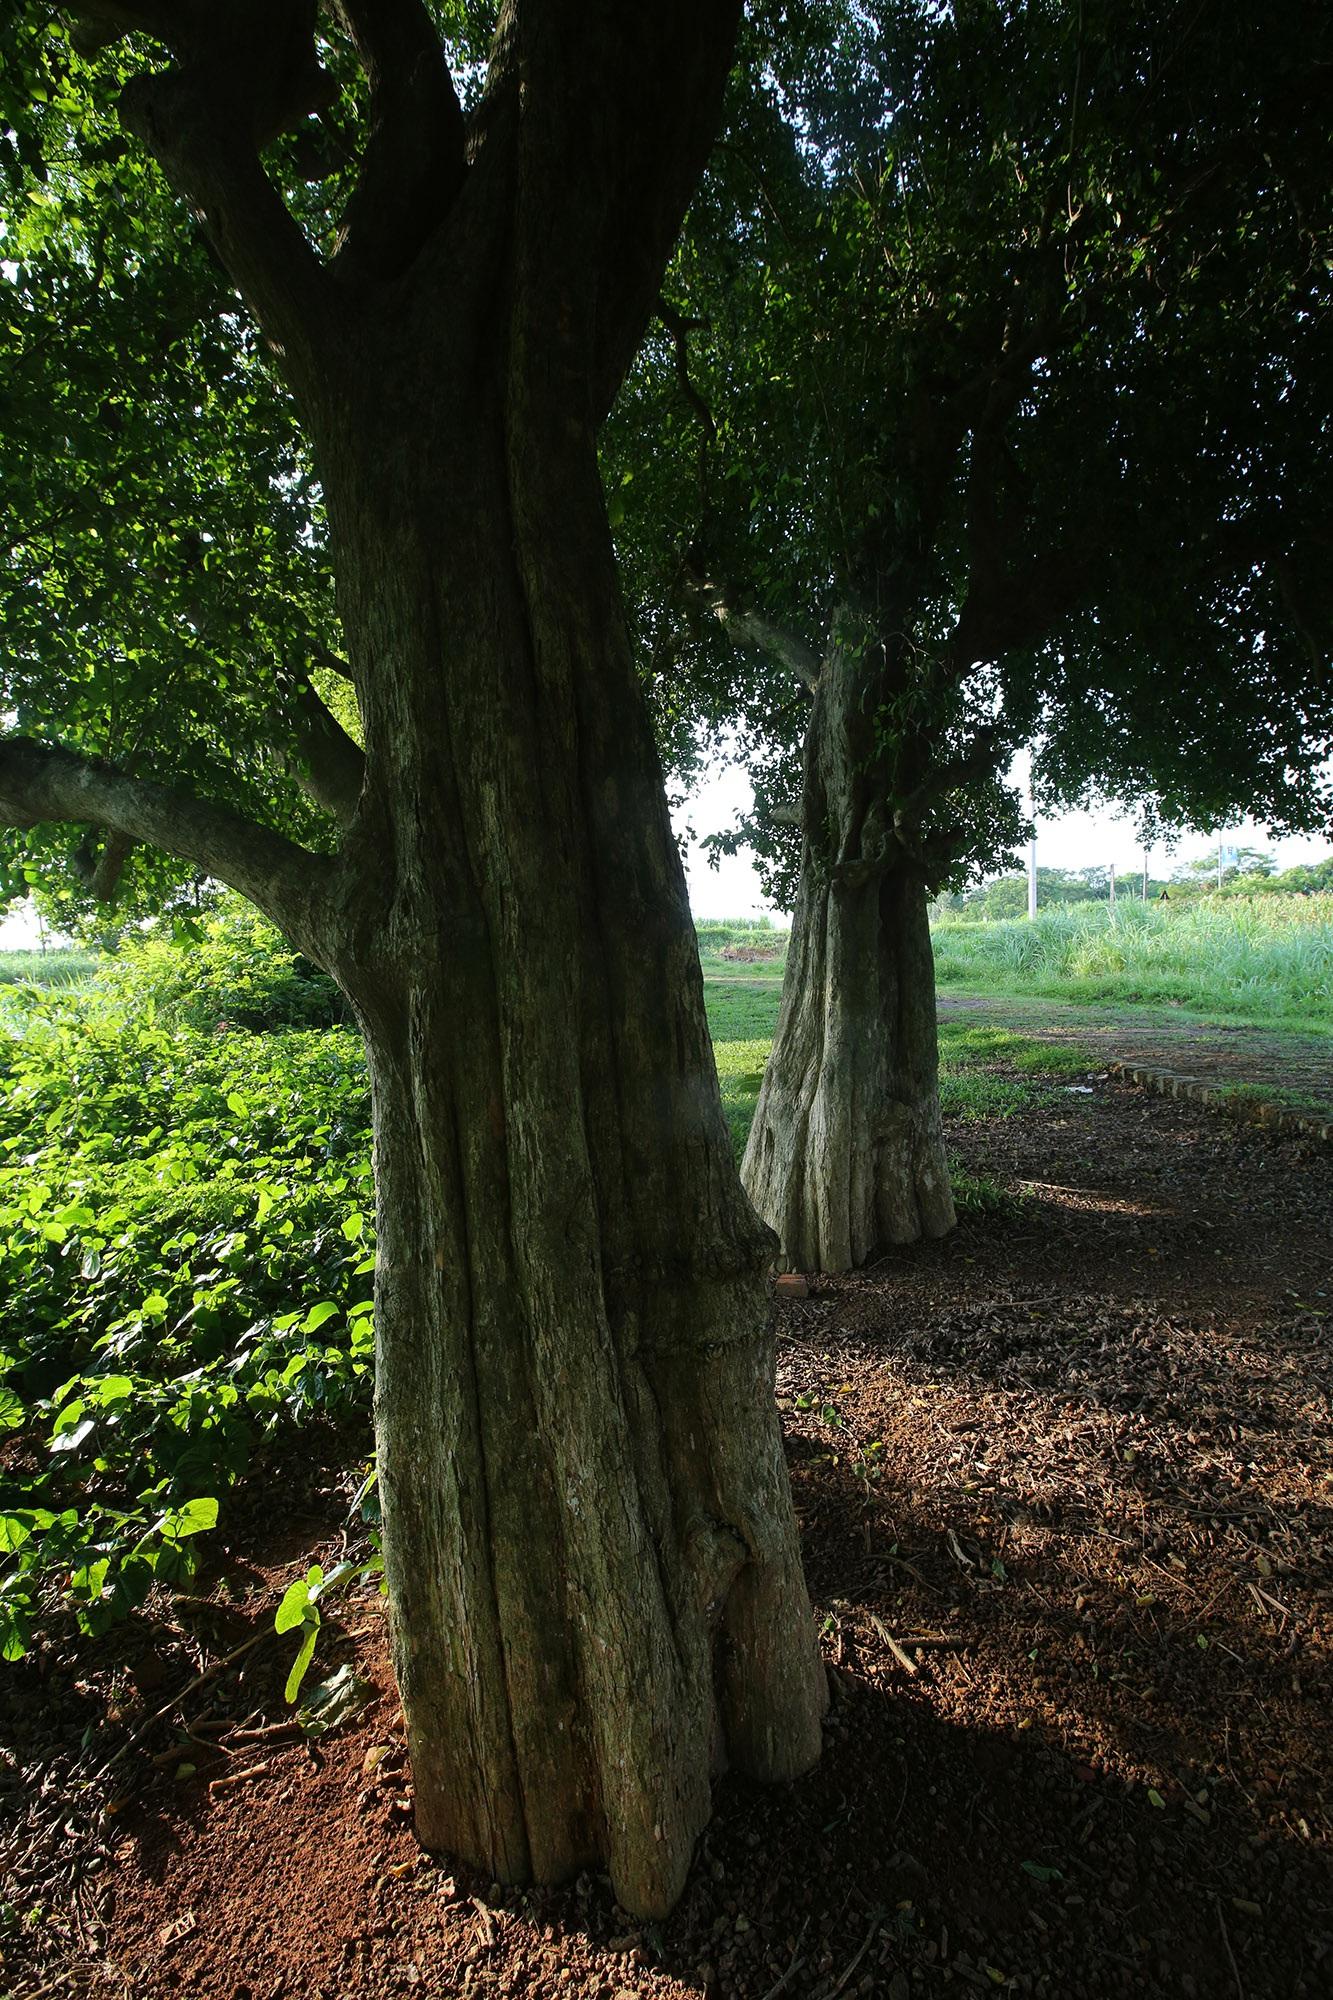 Rặng cây duối cổ hơn 1000 năm tuổi ở Hà Nội - 4